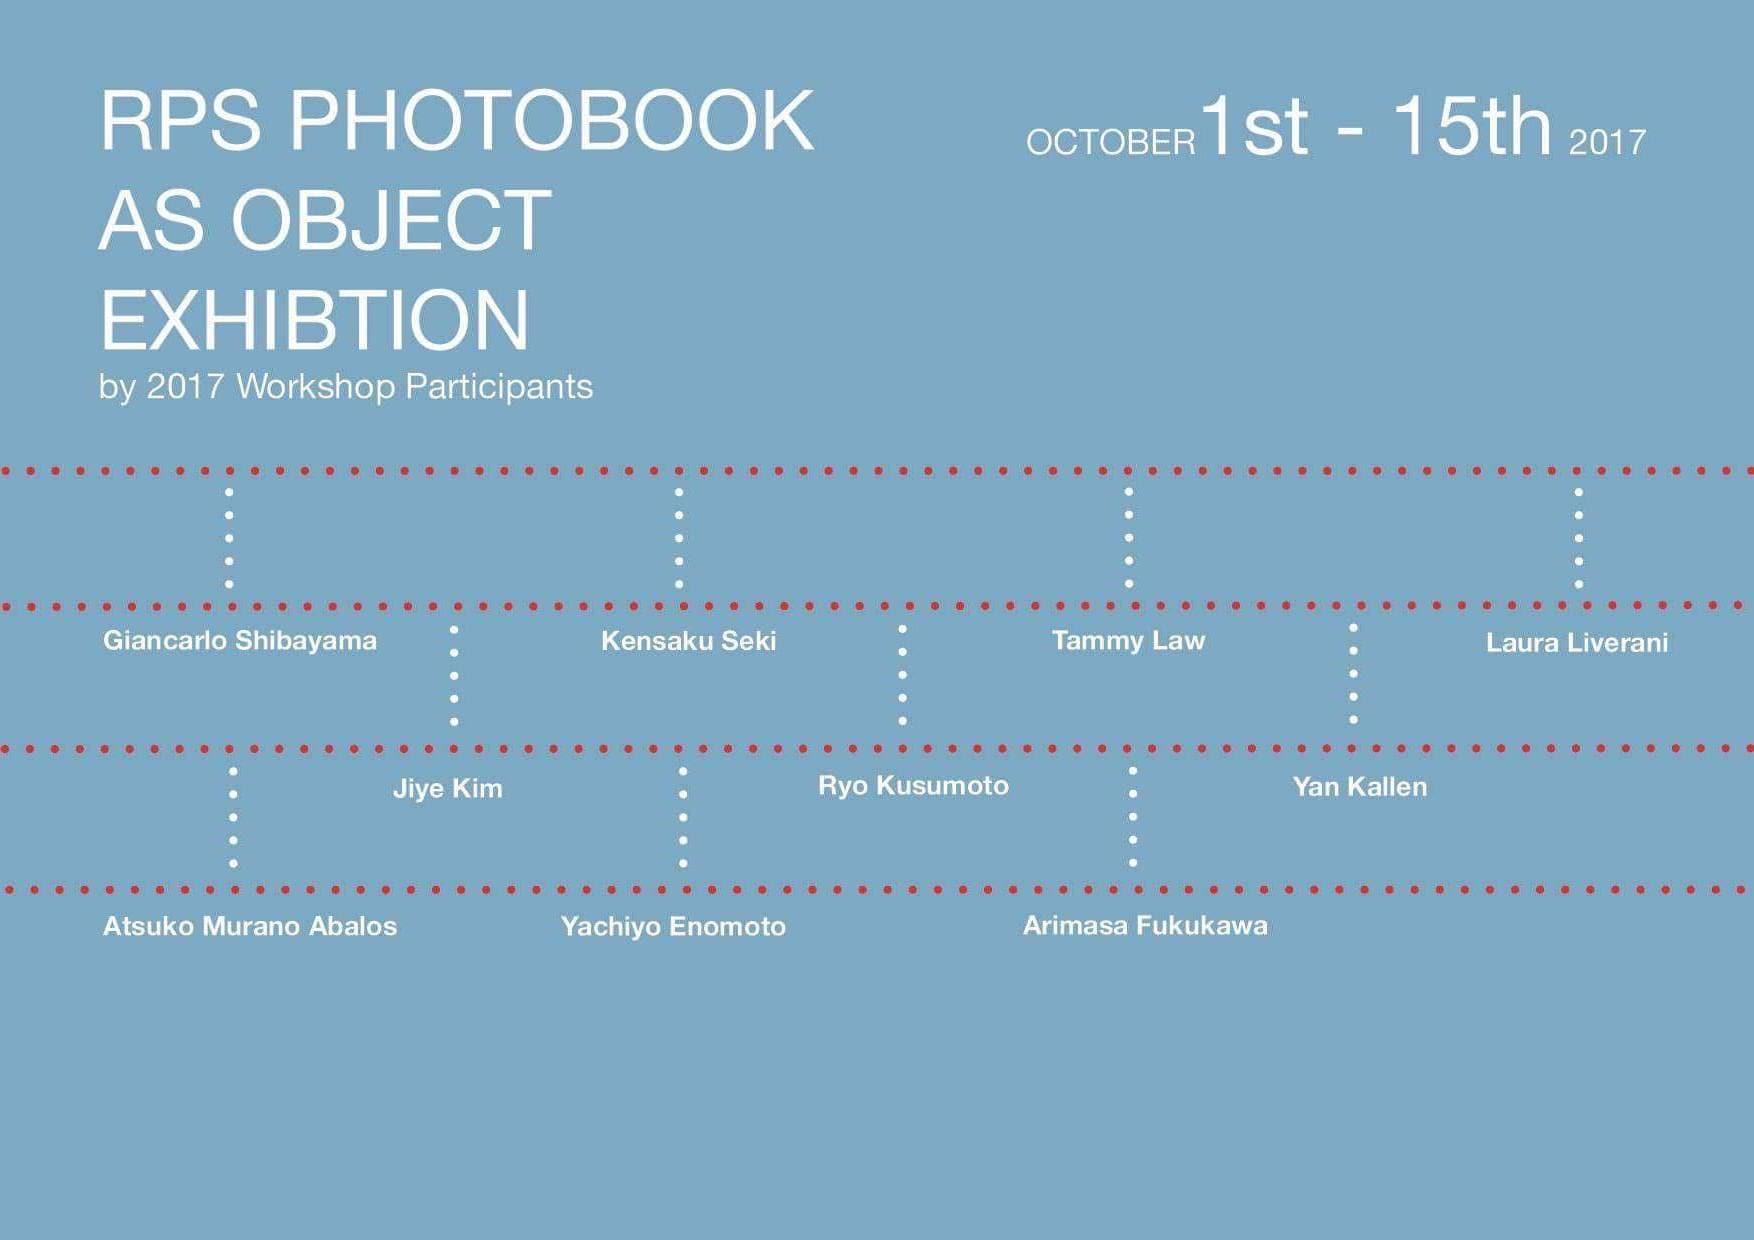 PHOTOBOOK AS OBJECT 成果発表展